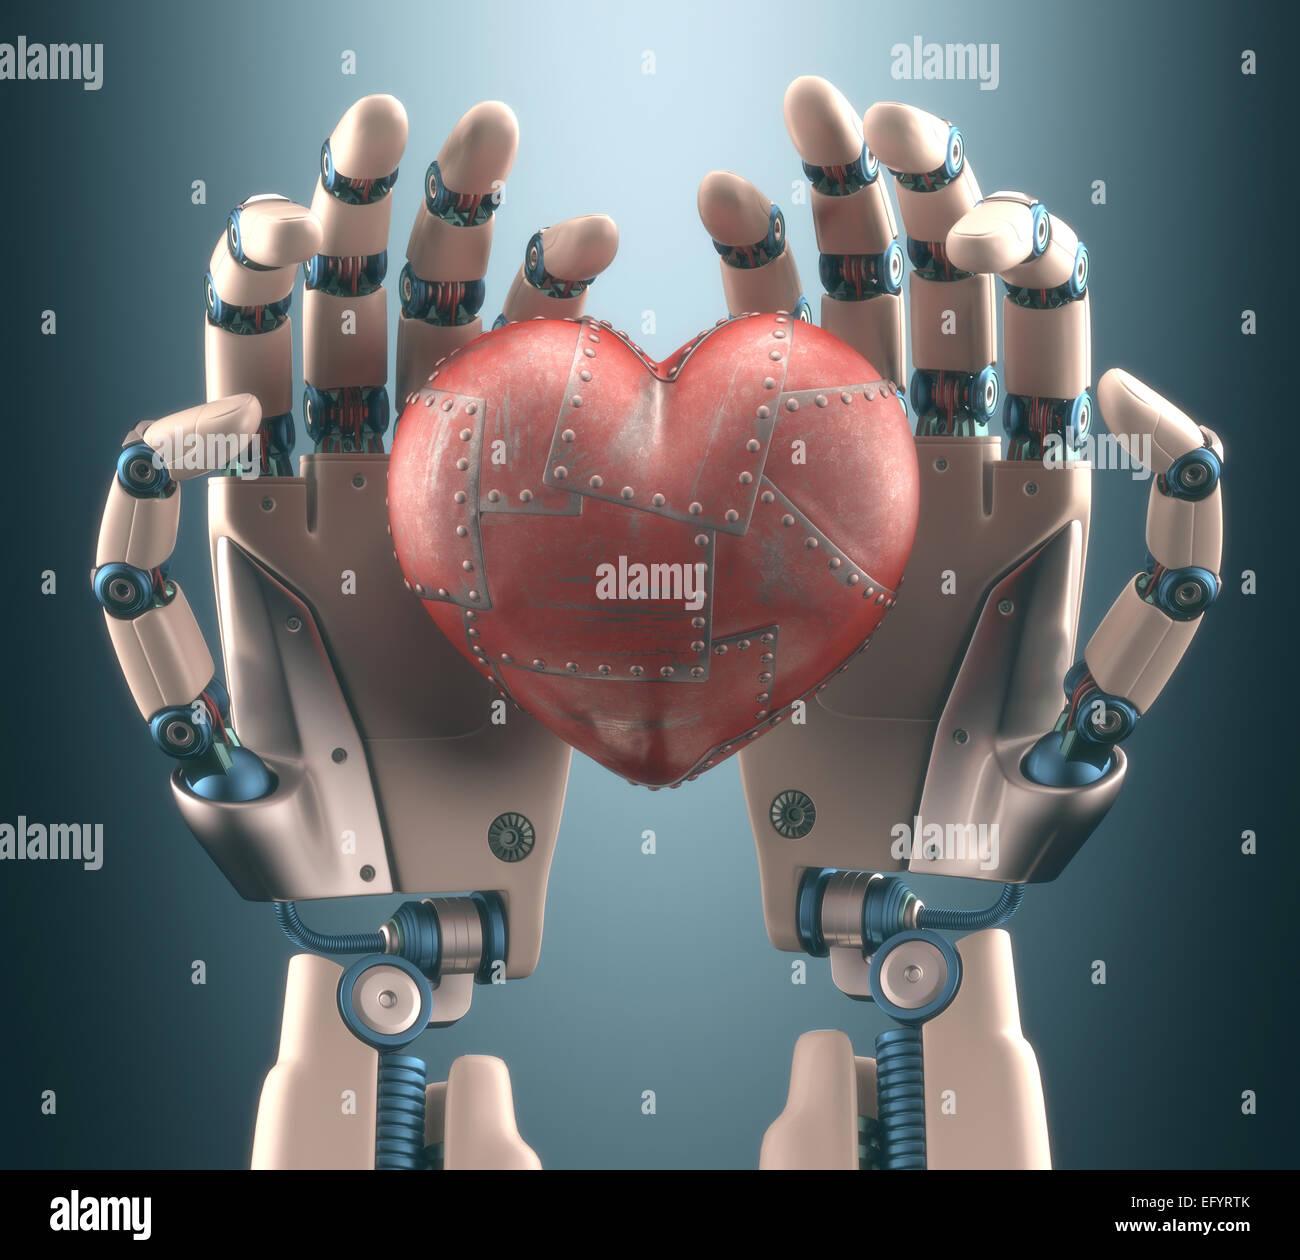 Roboterhand mit einem Metallherz. Clipping-Pfad enthalten. Stockbild